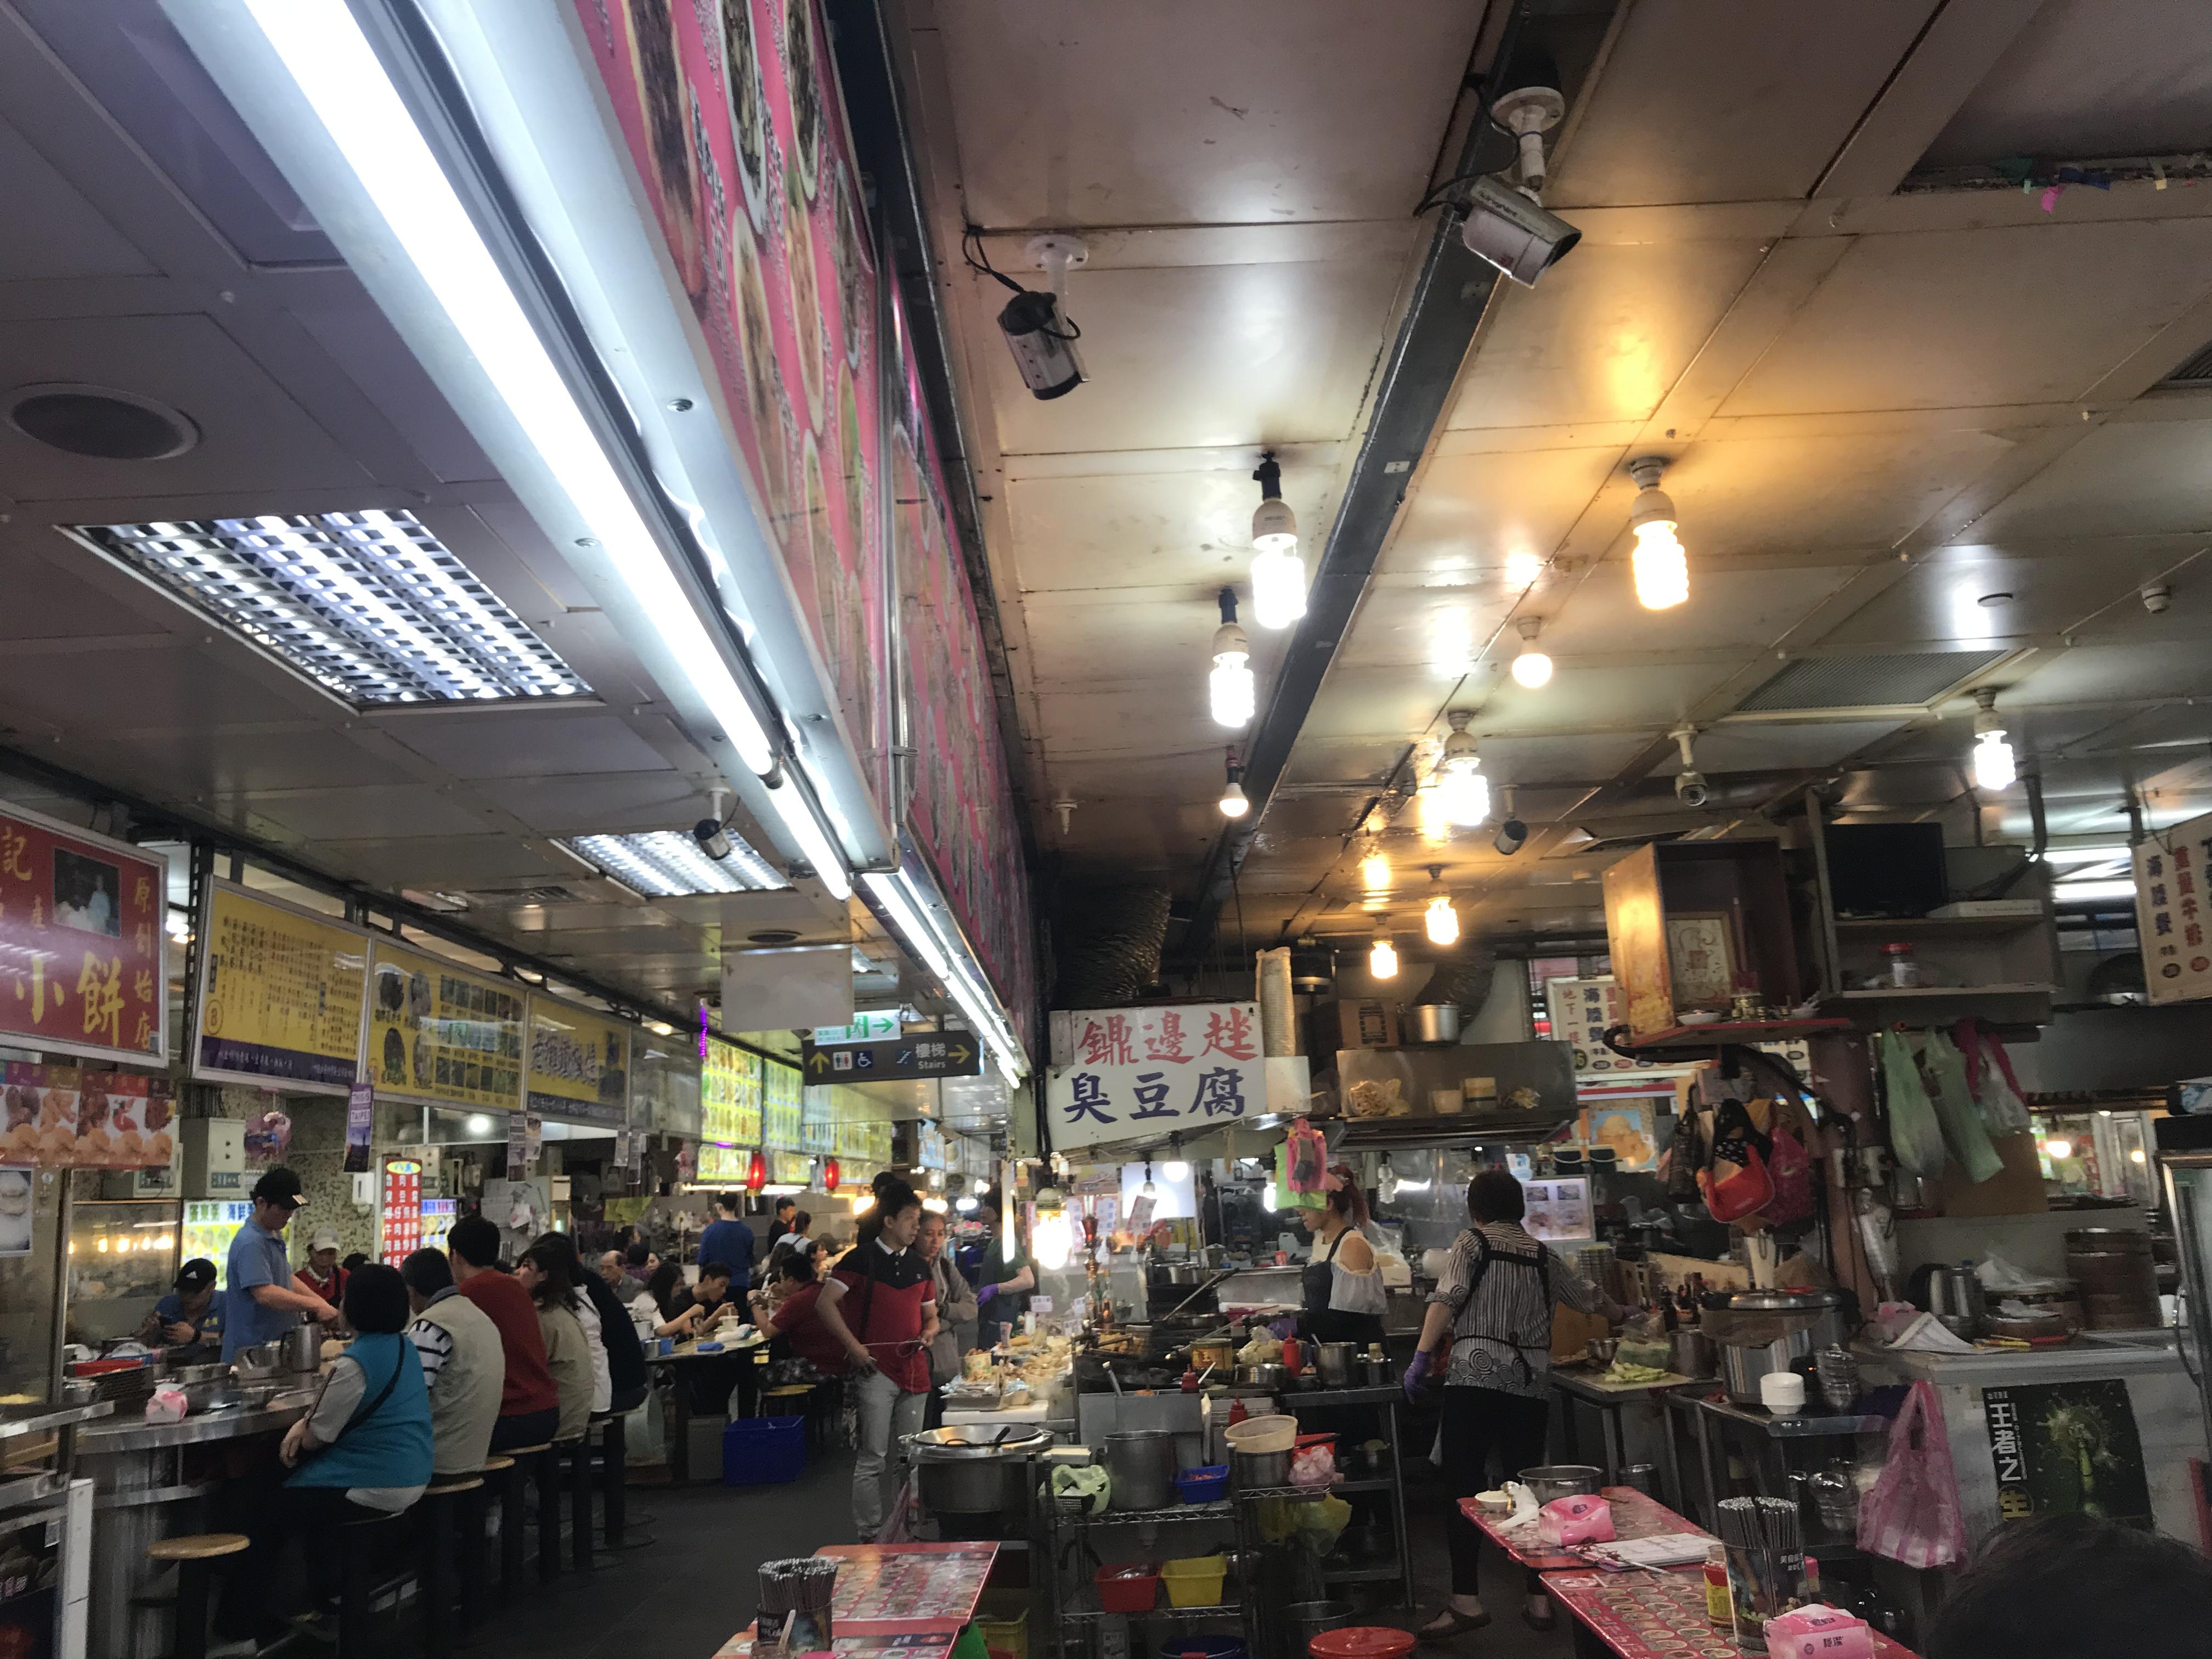 士林夜市おすすめの台湾グルメ食べ歩き